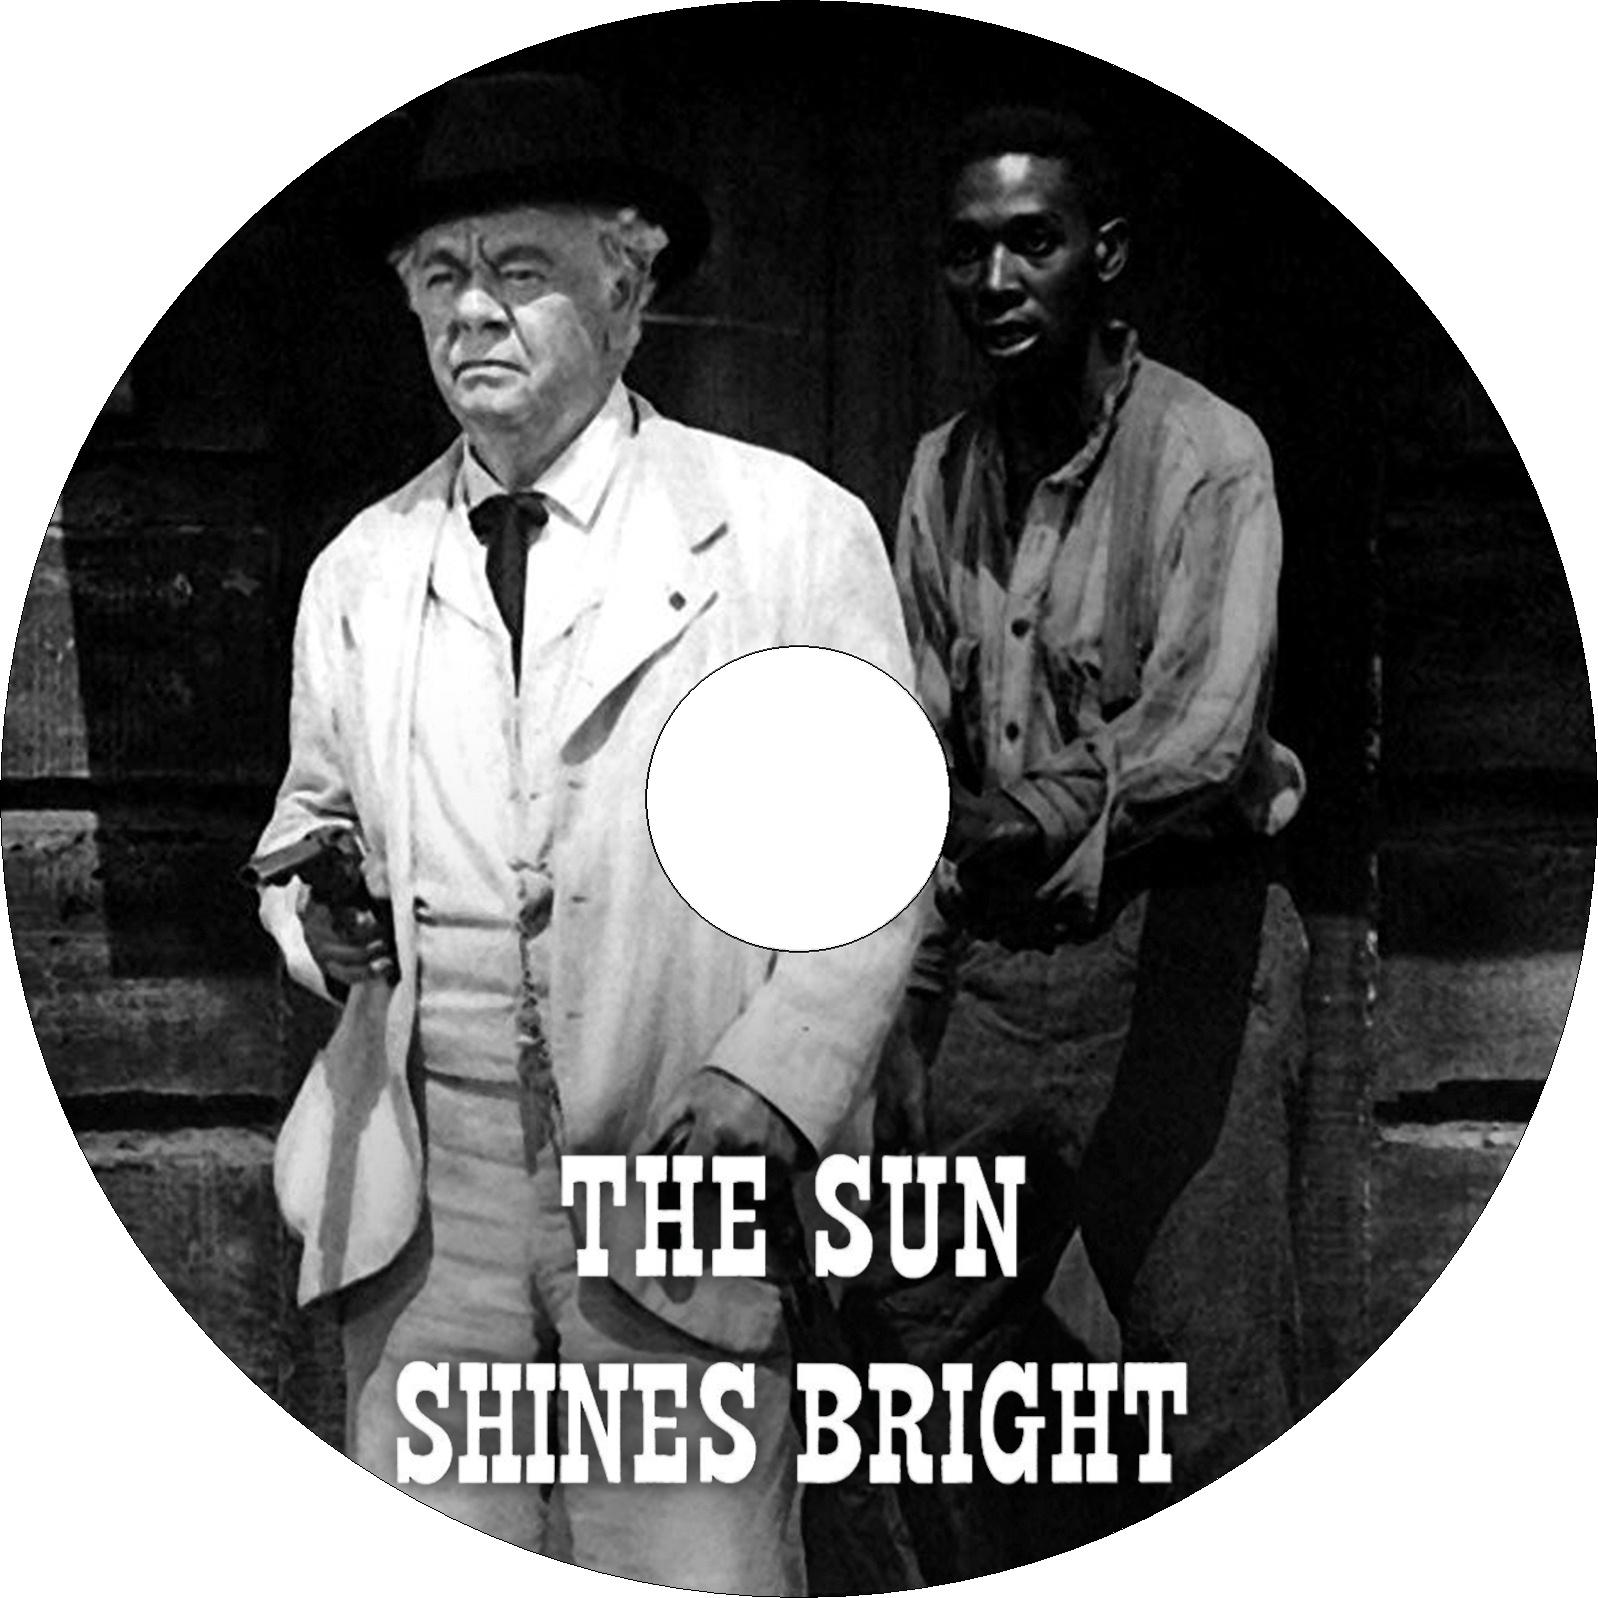 太陽は光り輝く ラベル改